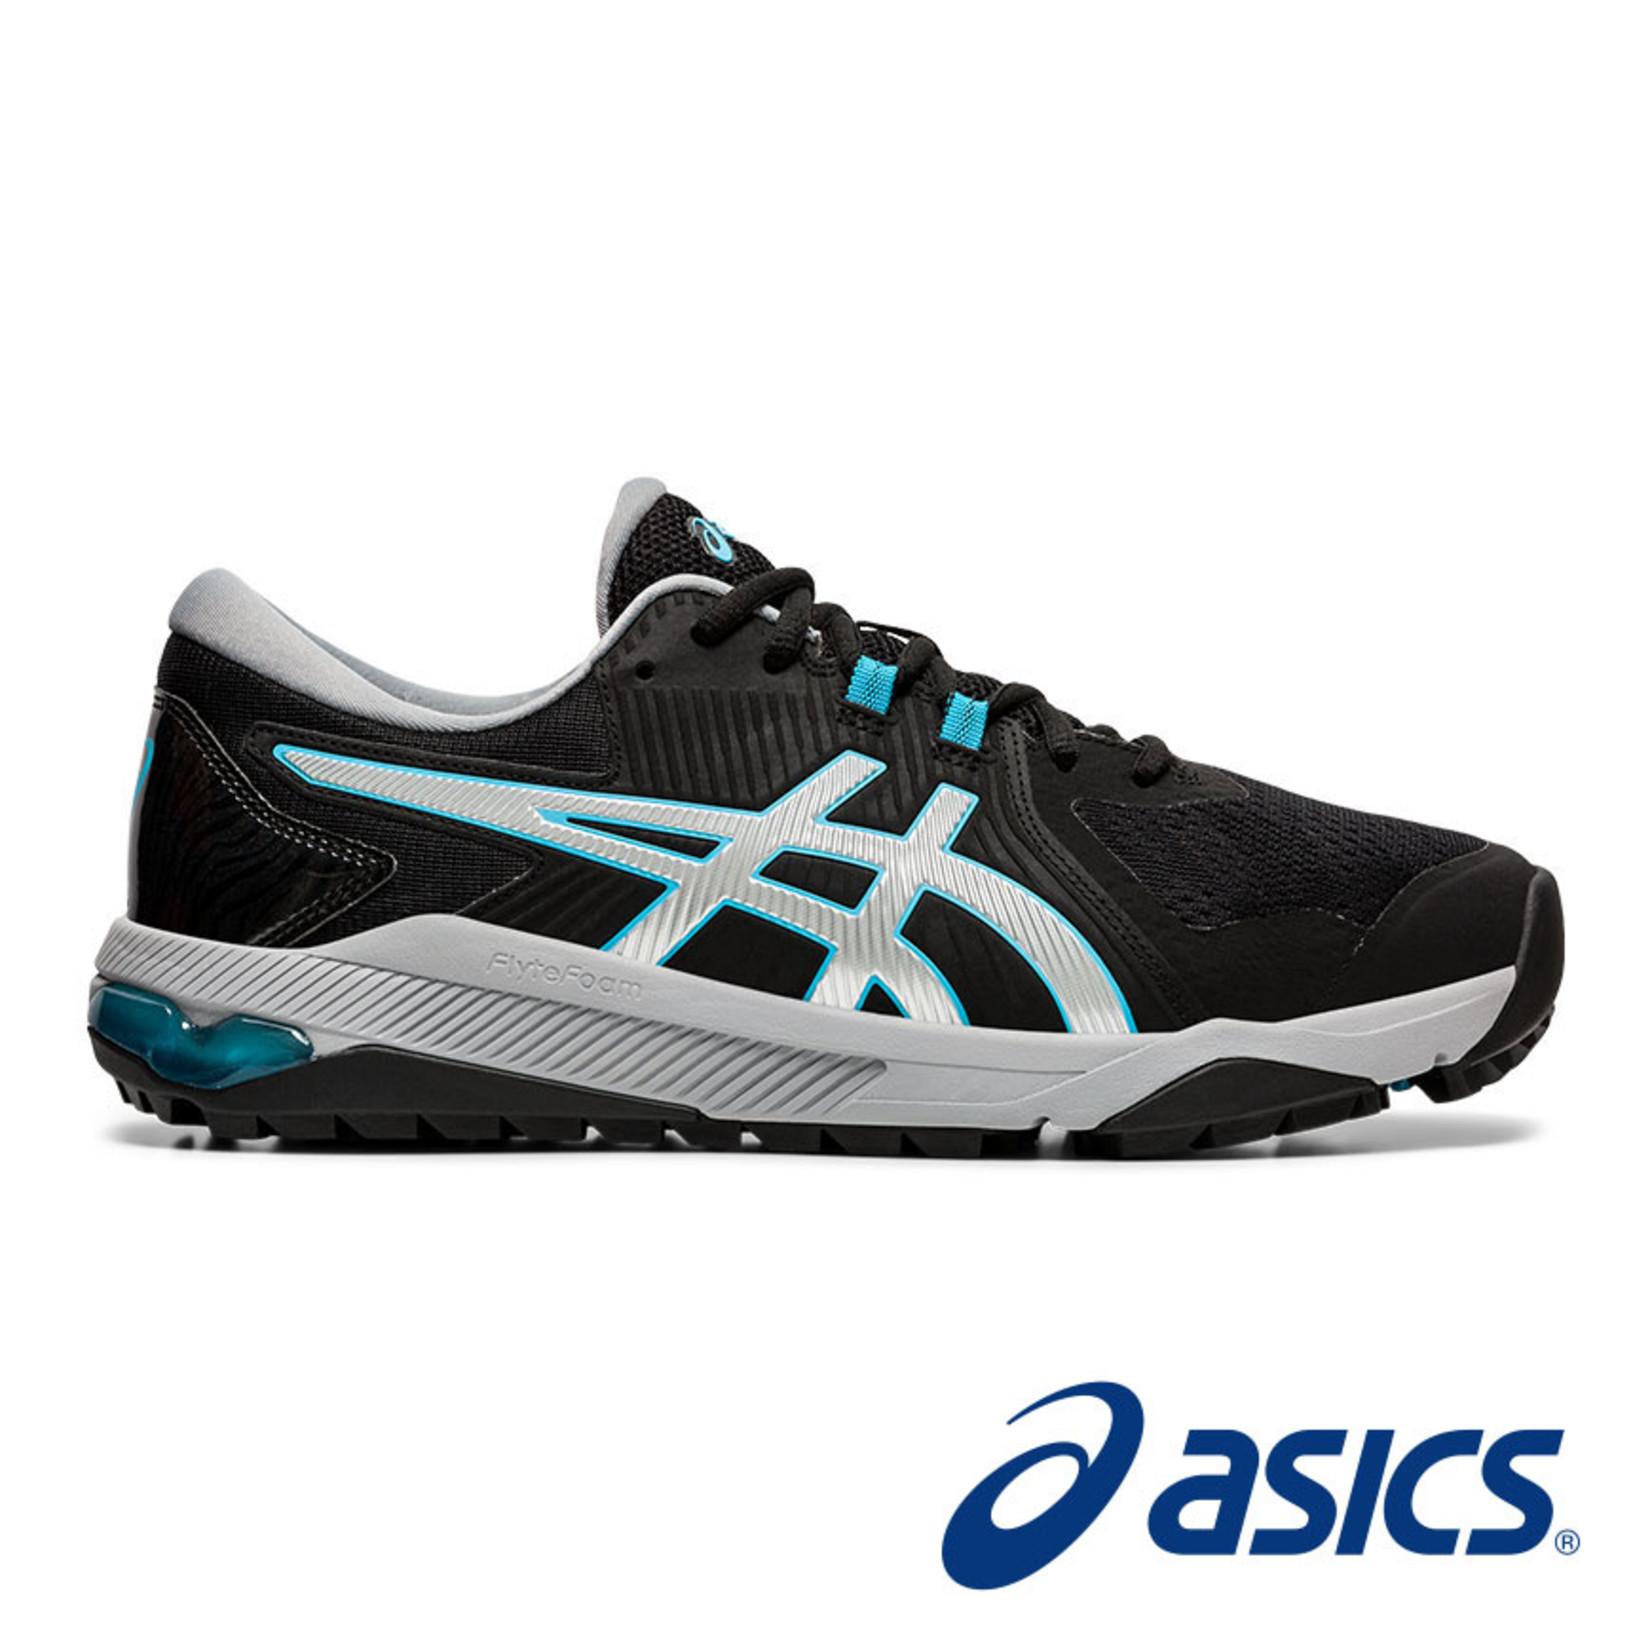 Asics Asics Men's Gel Glide Shoe